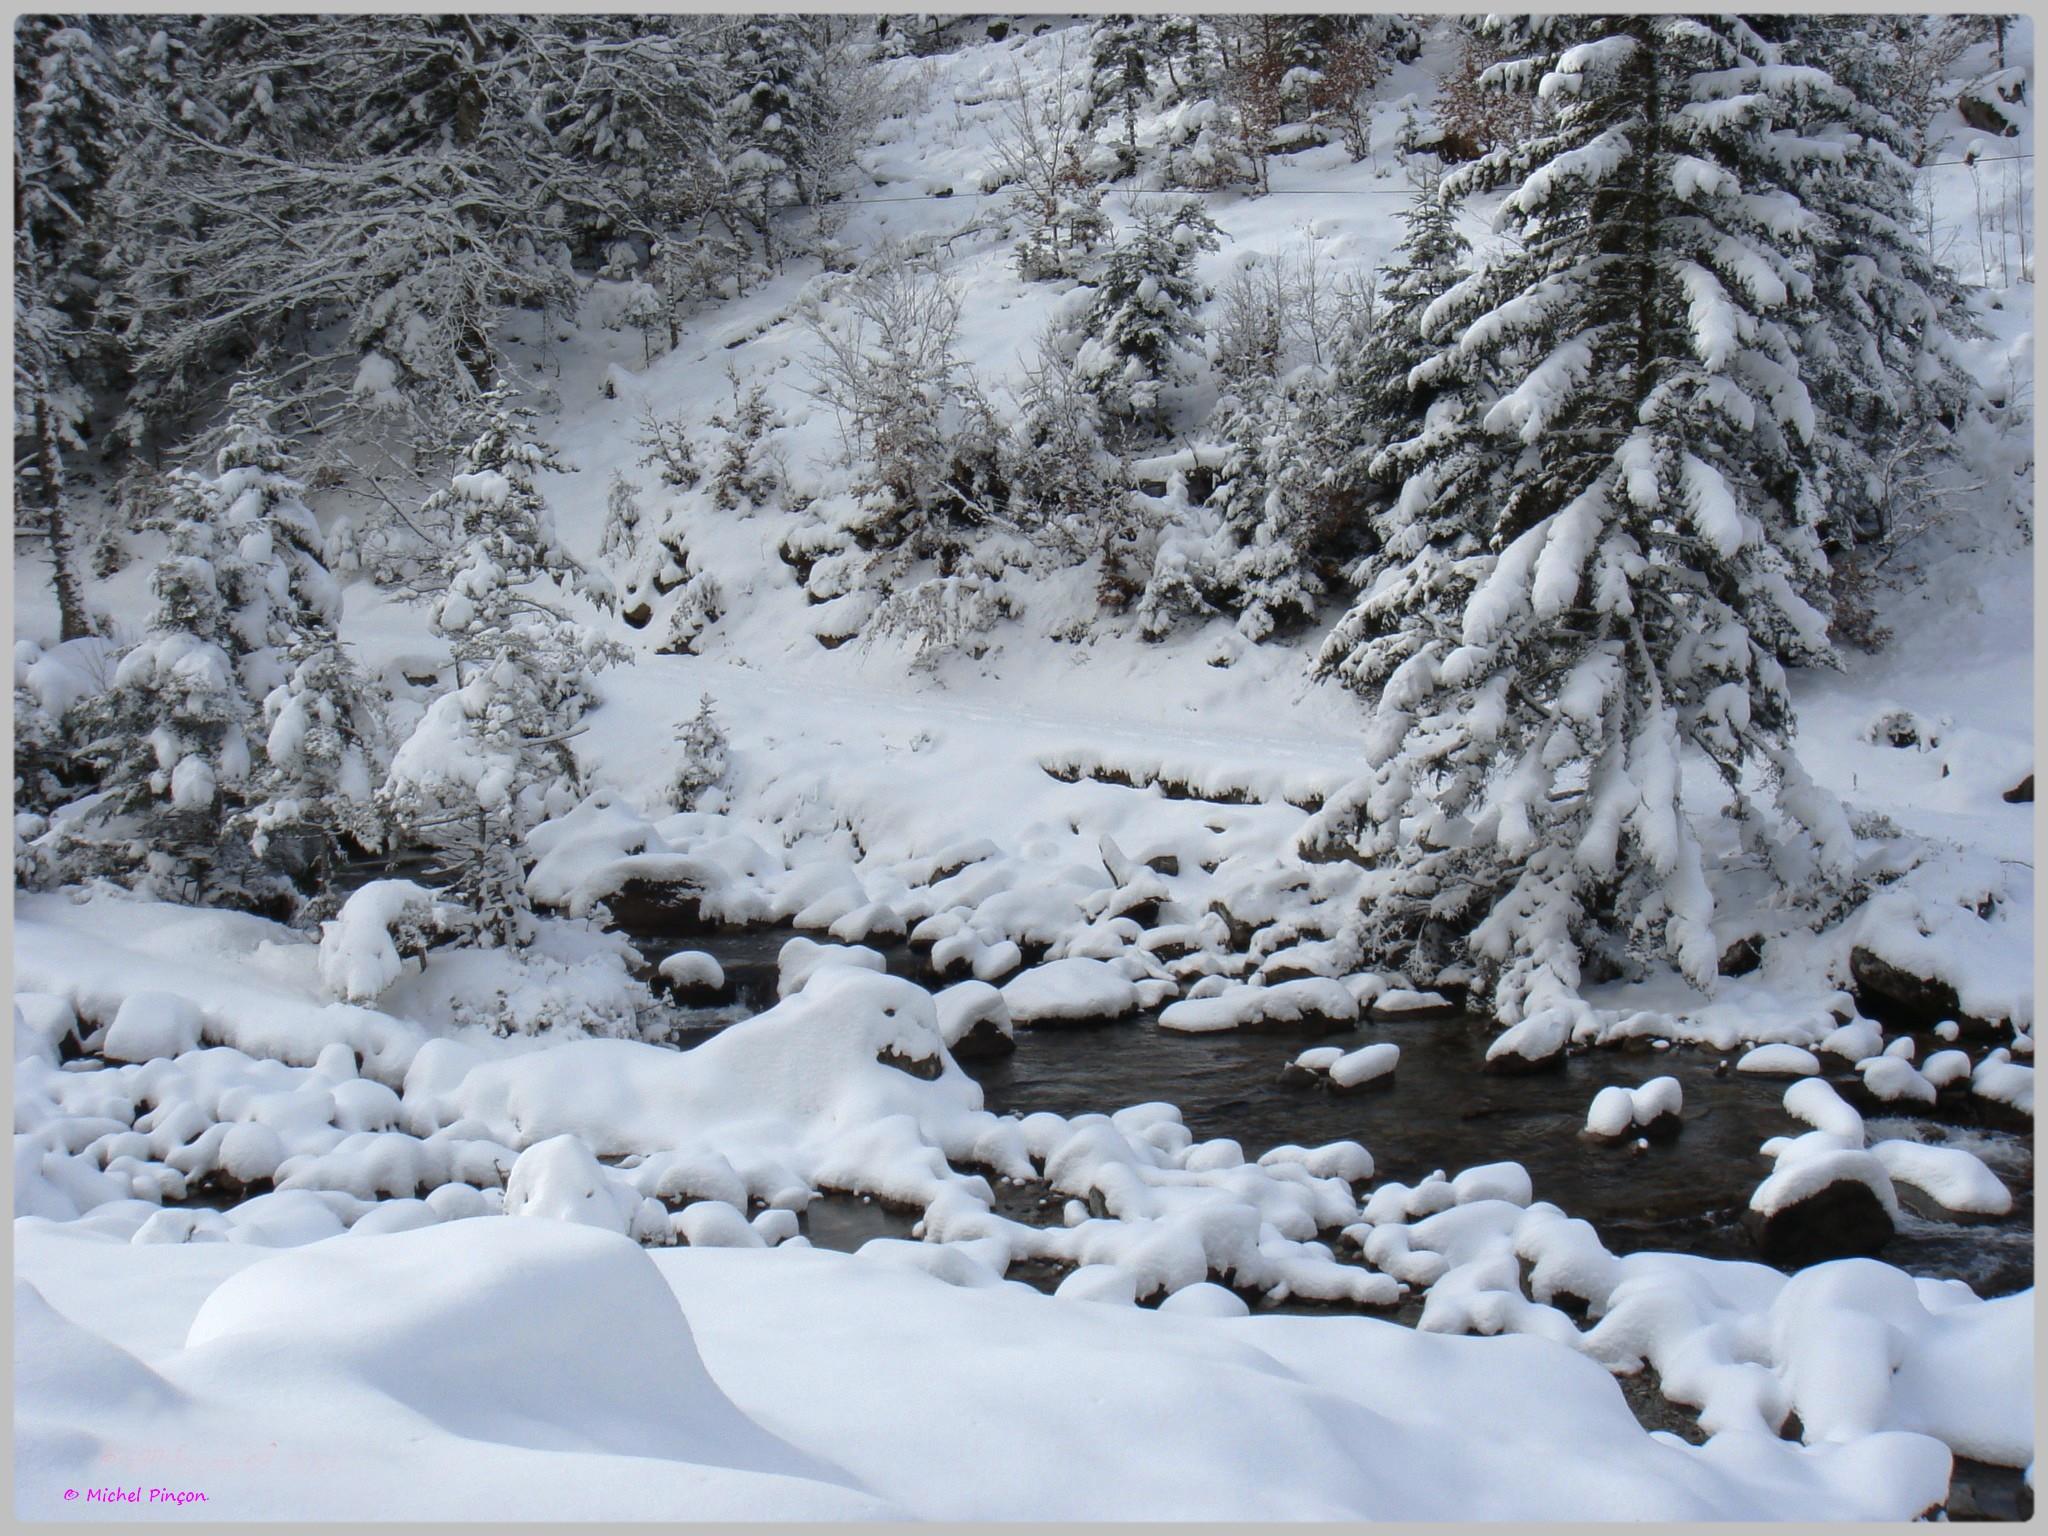 Une semaine à la Neige dans les Htes Pyrénées - Page 2 504299DSC00303